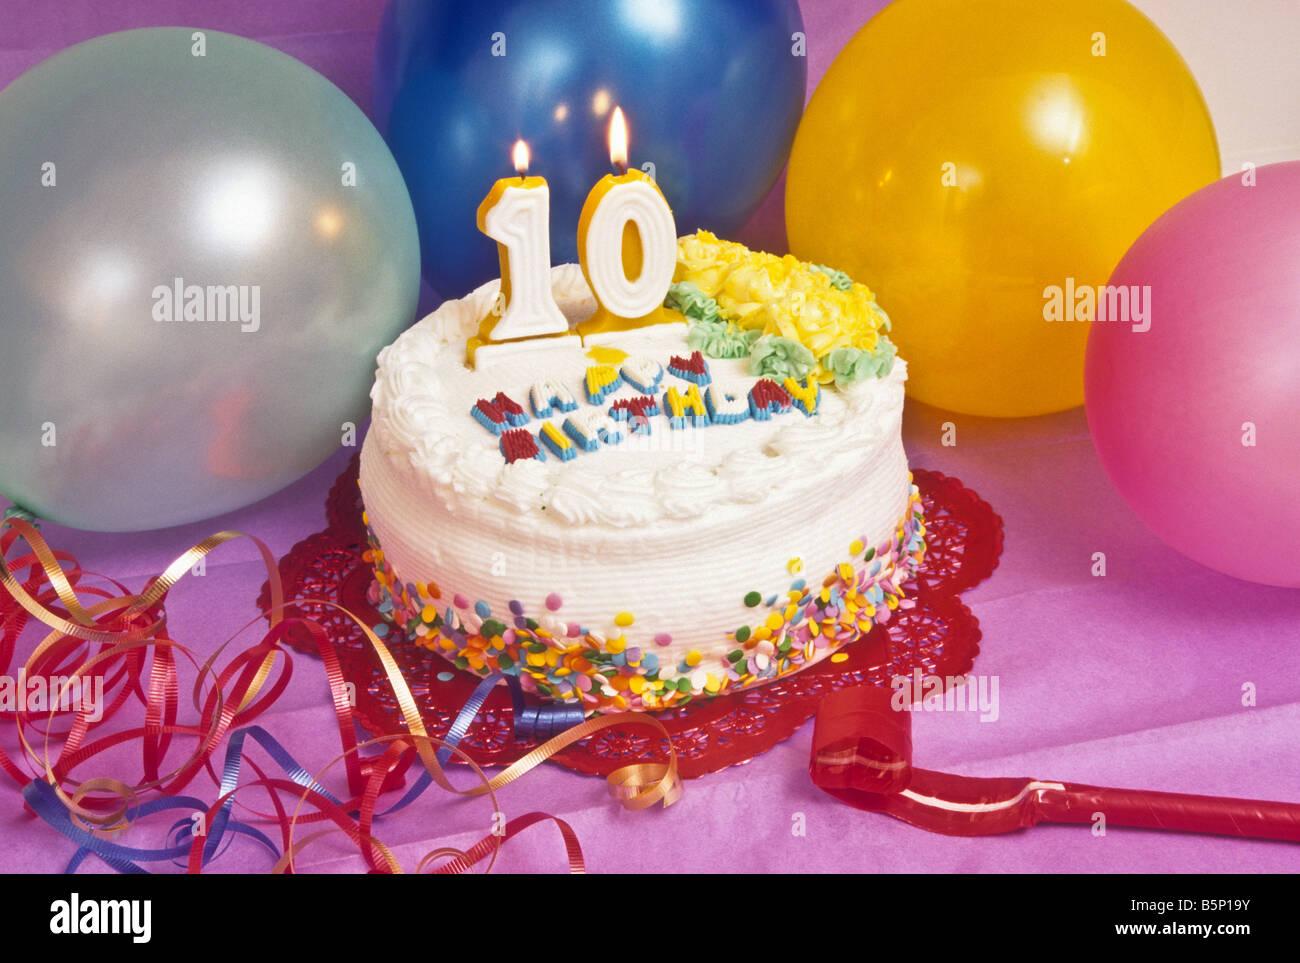 Geburtstagstorte Mit Jahr 10 Kerze Brennen Stockfoto Bild 20767655